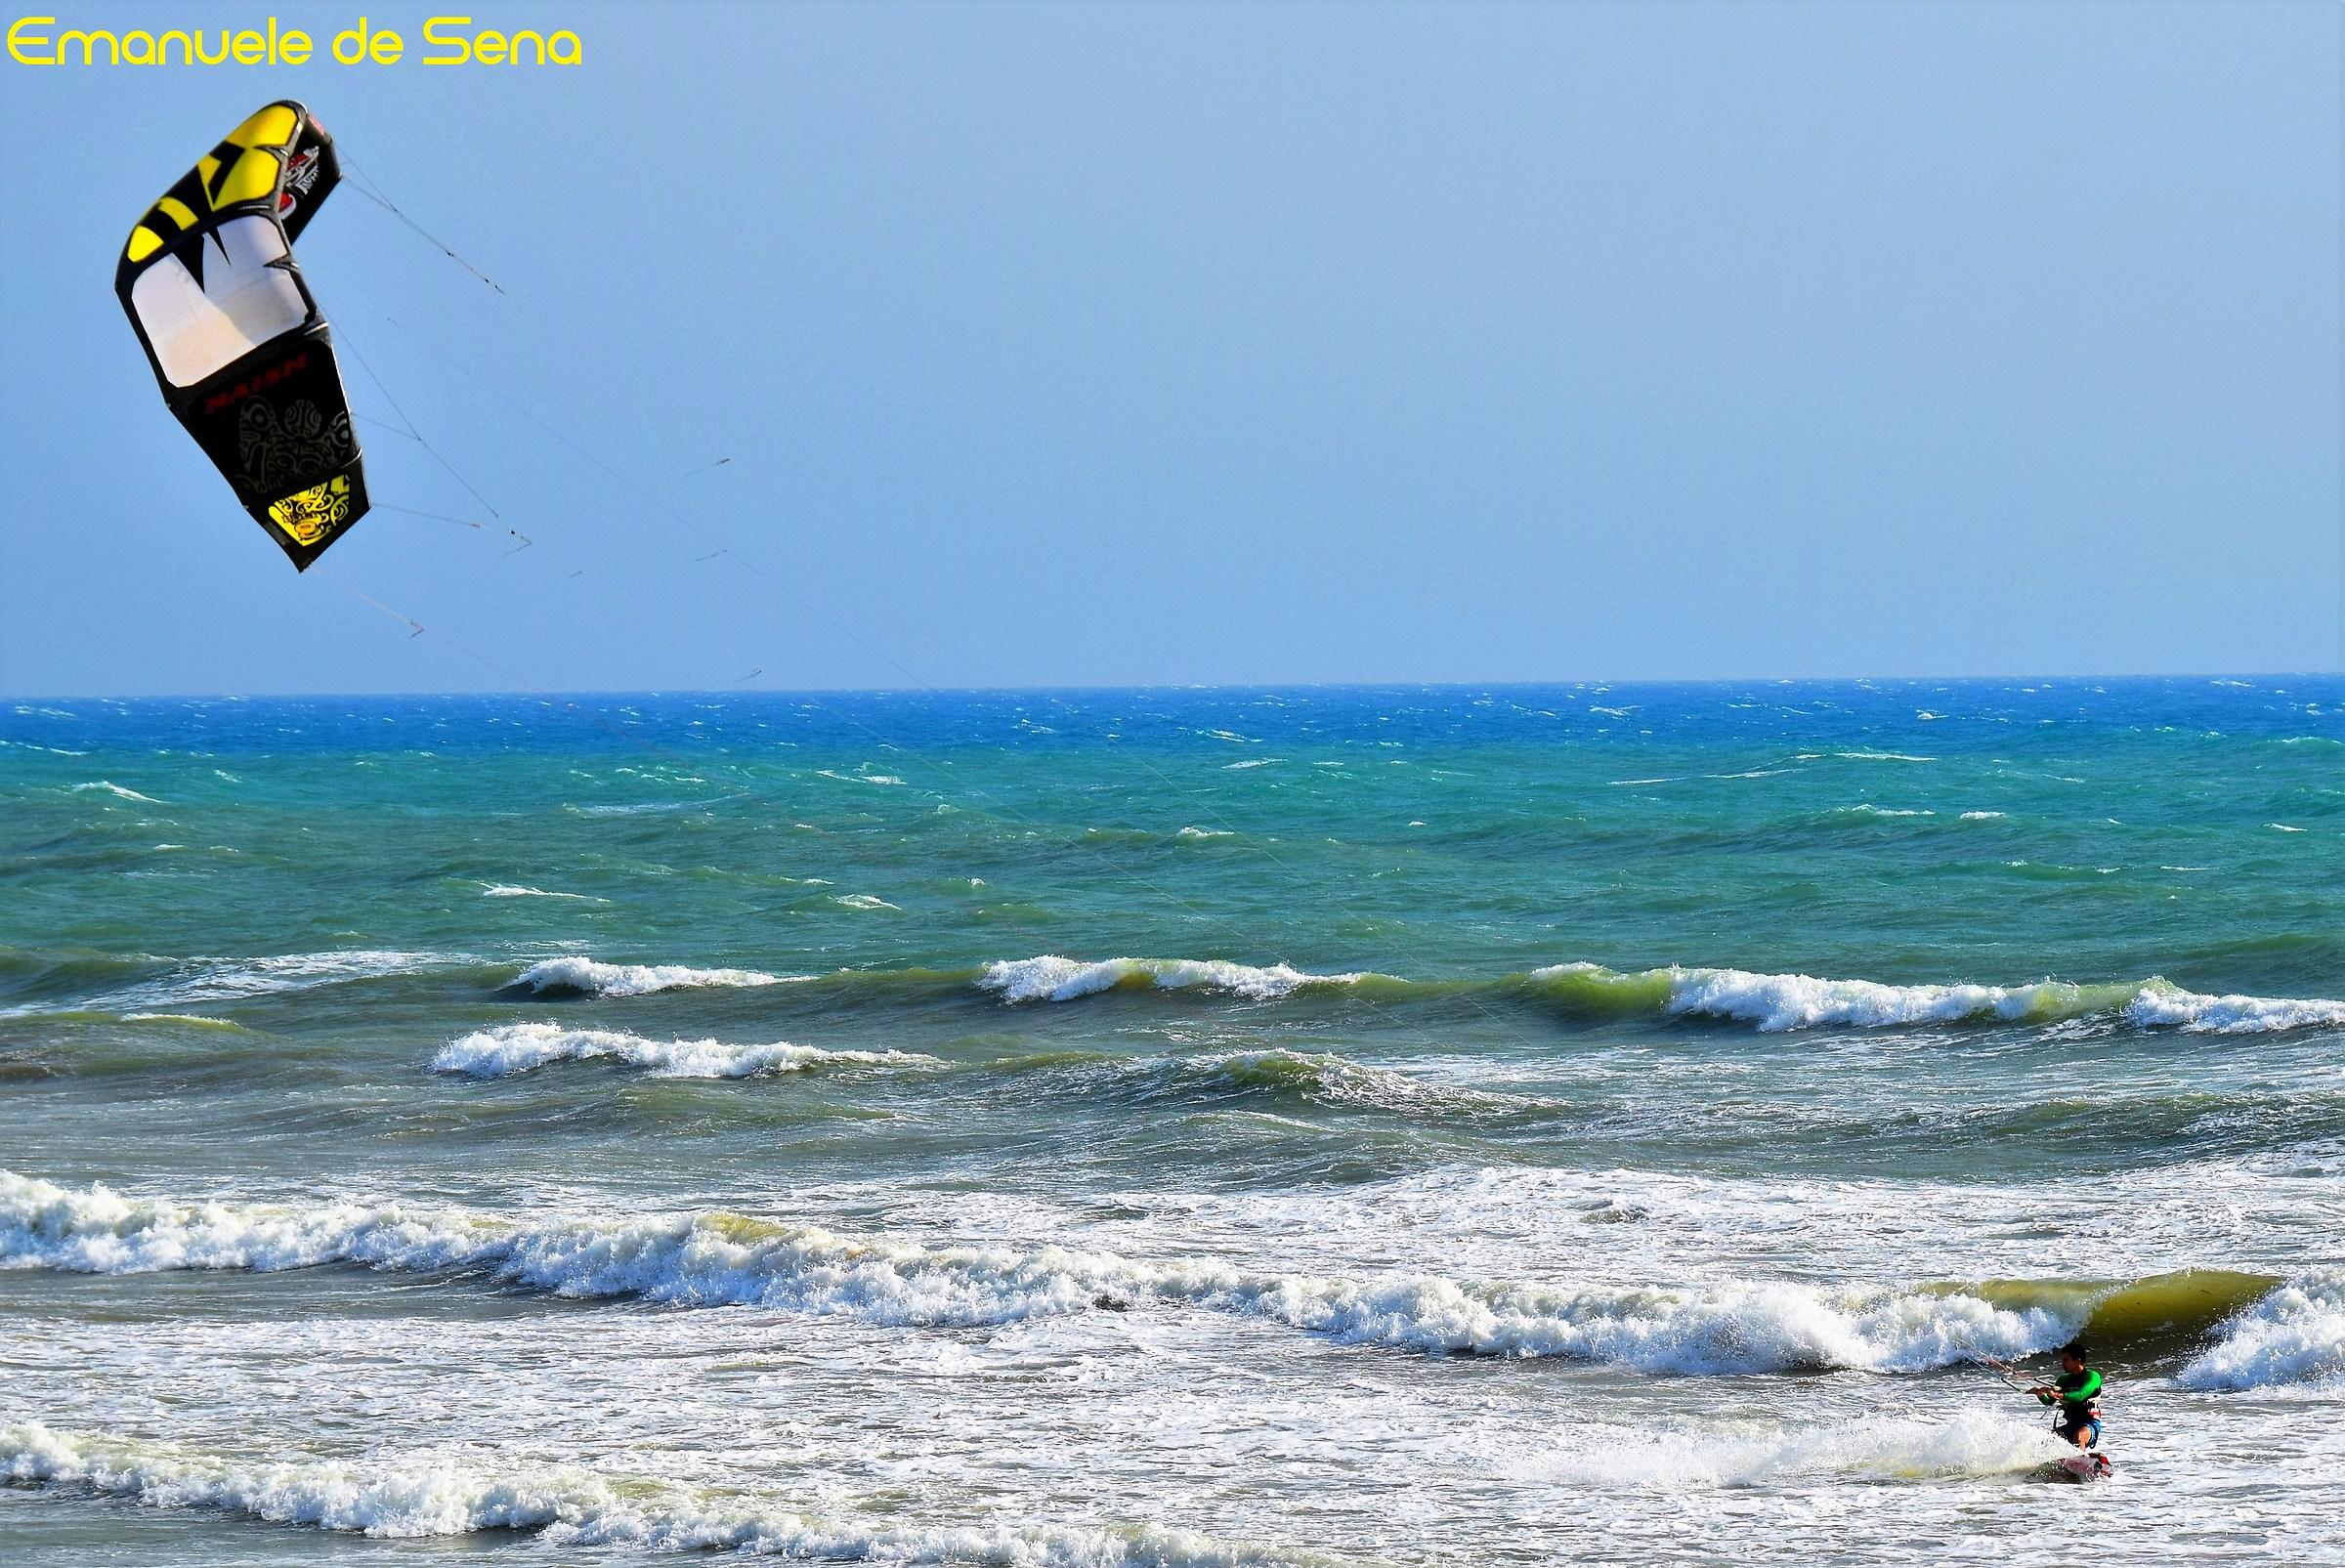 kitesurfing in the Mediterranean...